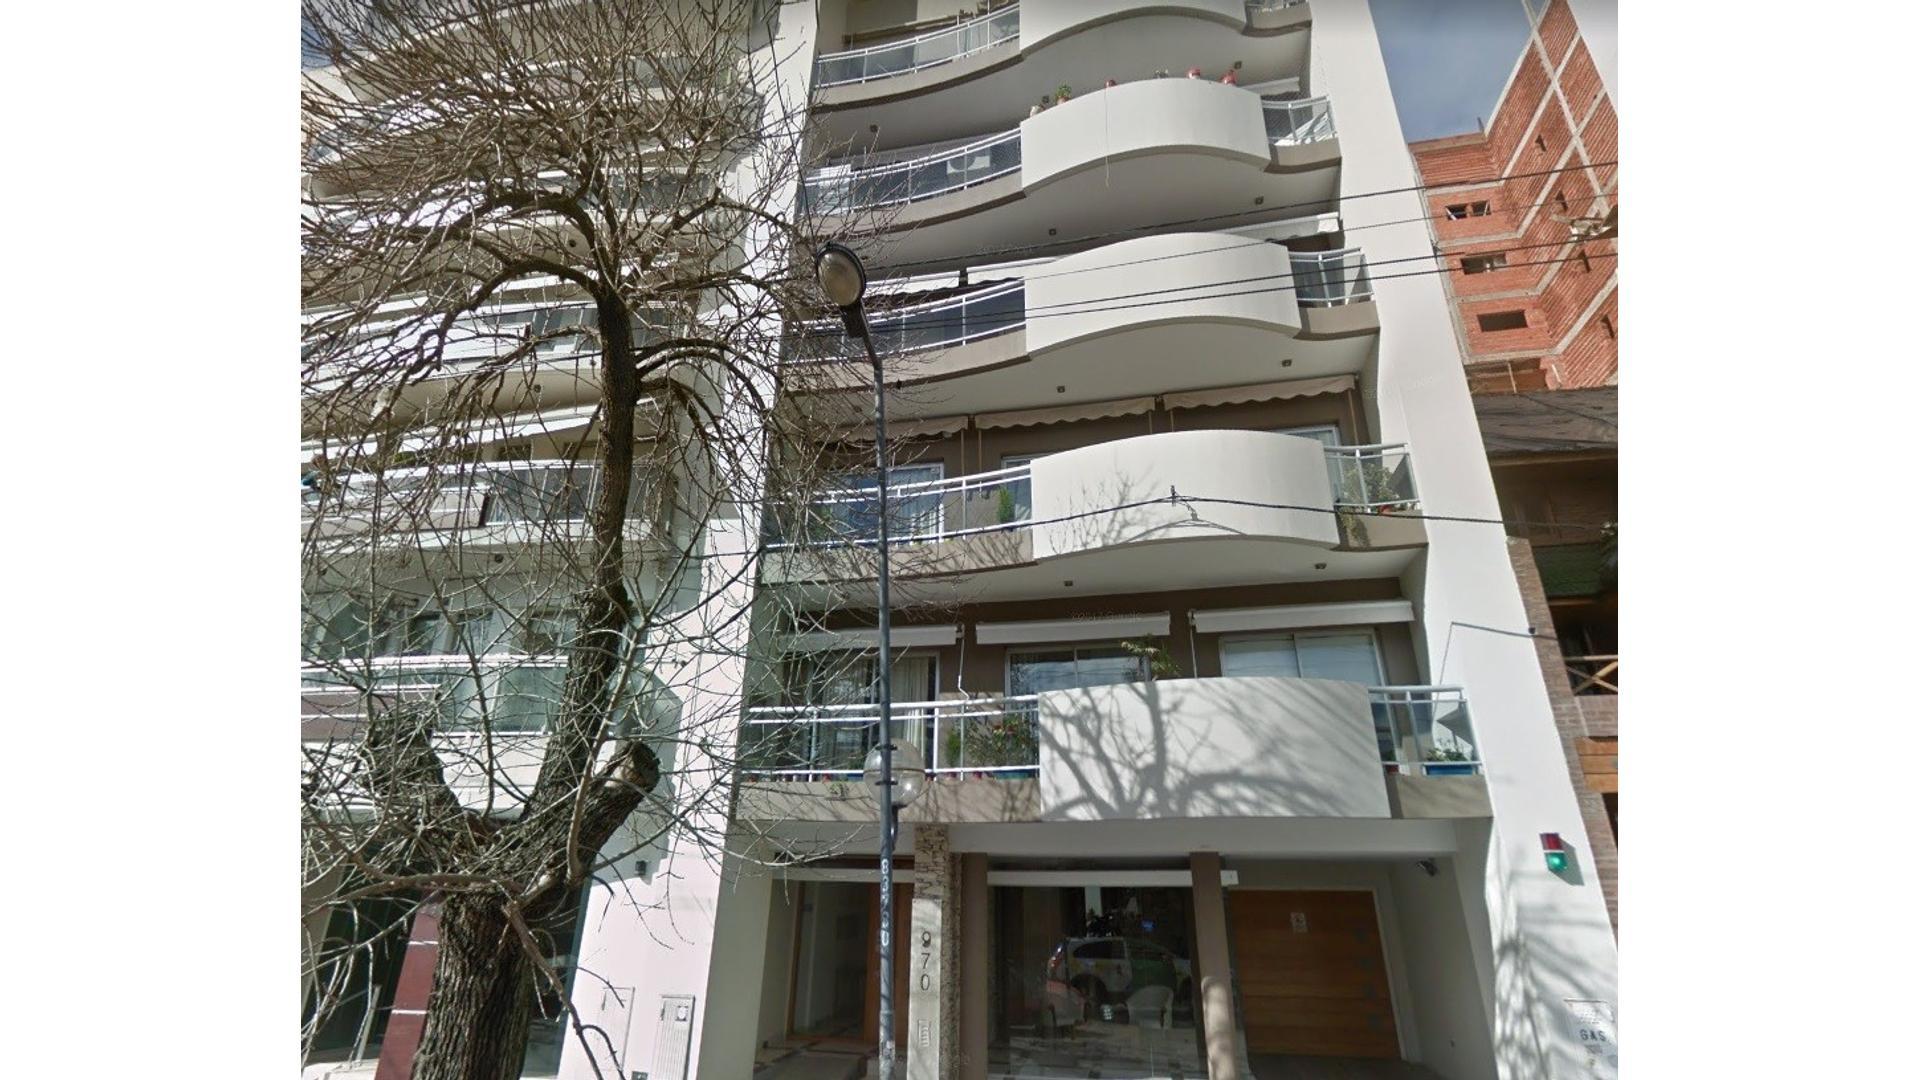 Departamento tipo dúplex de dos dormitorios y terraza propia.